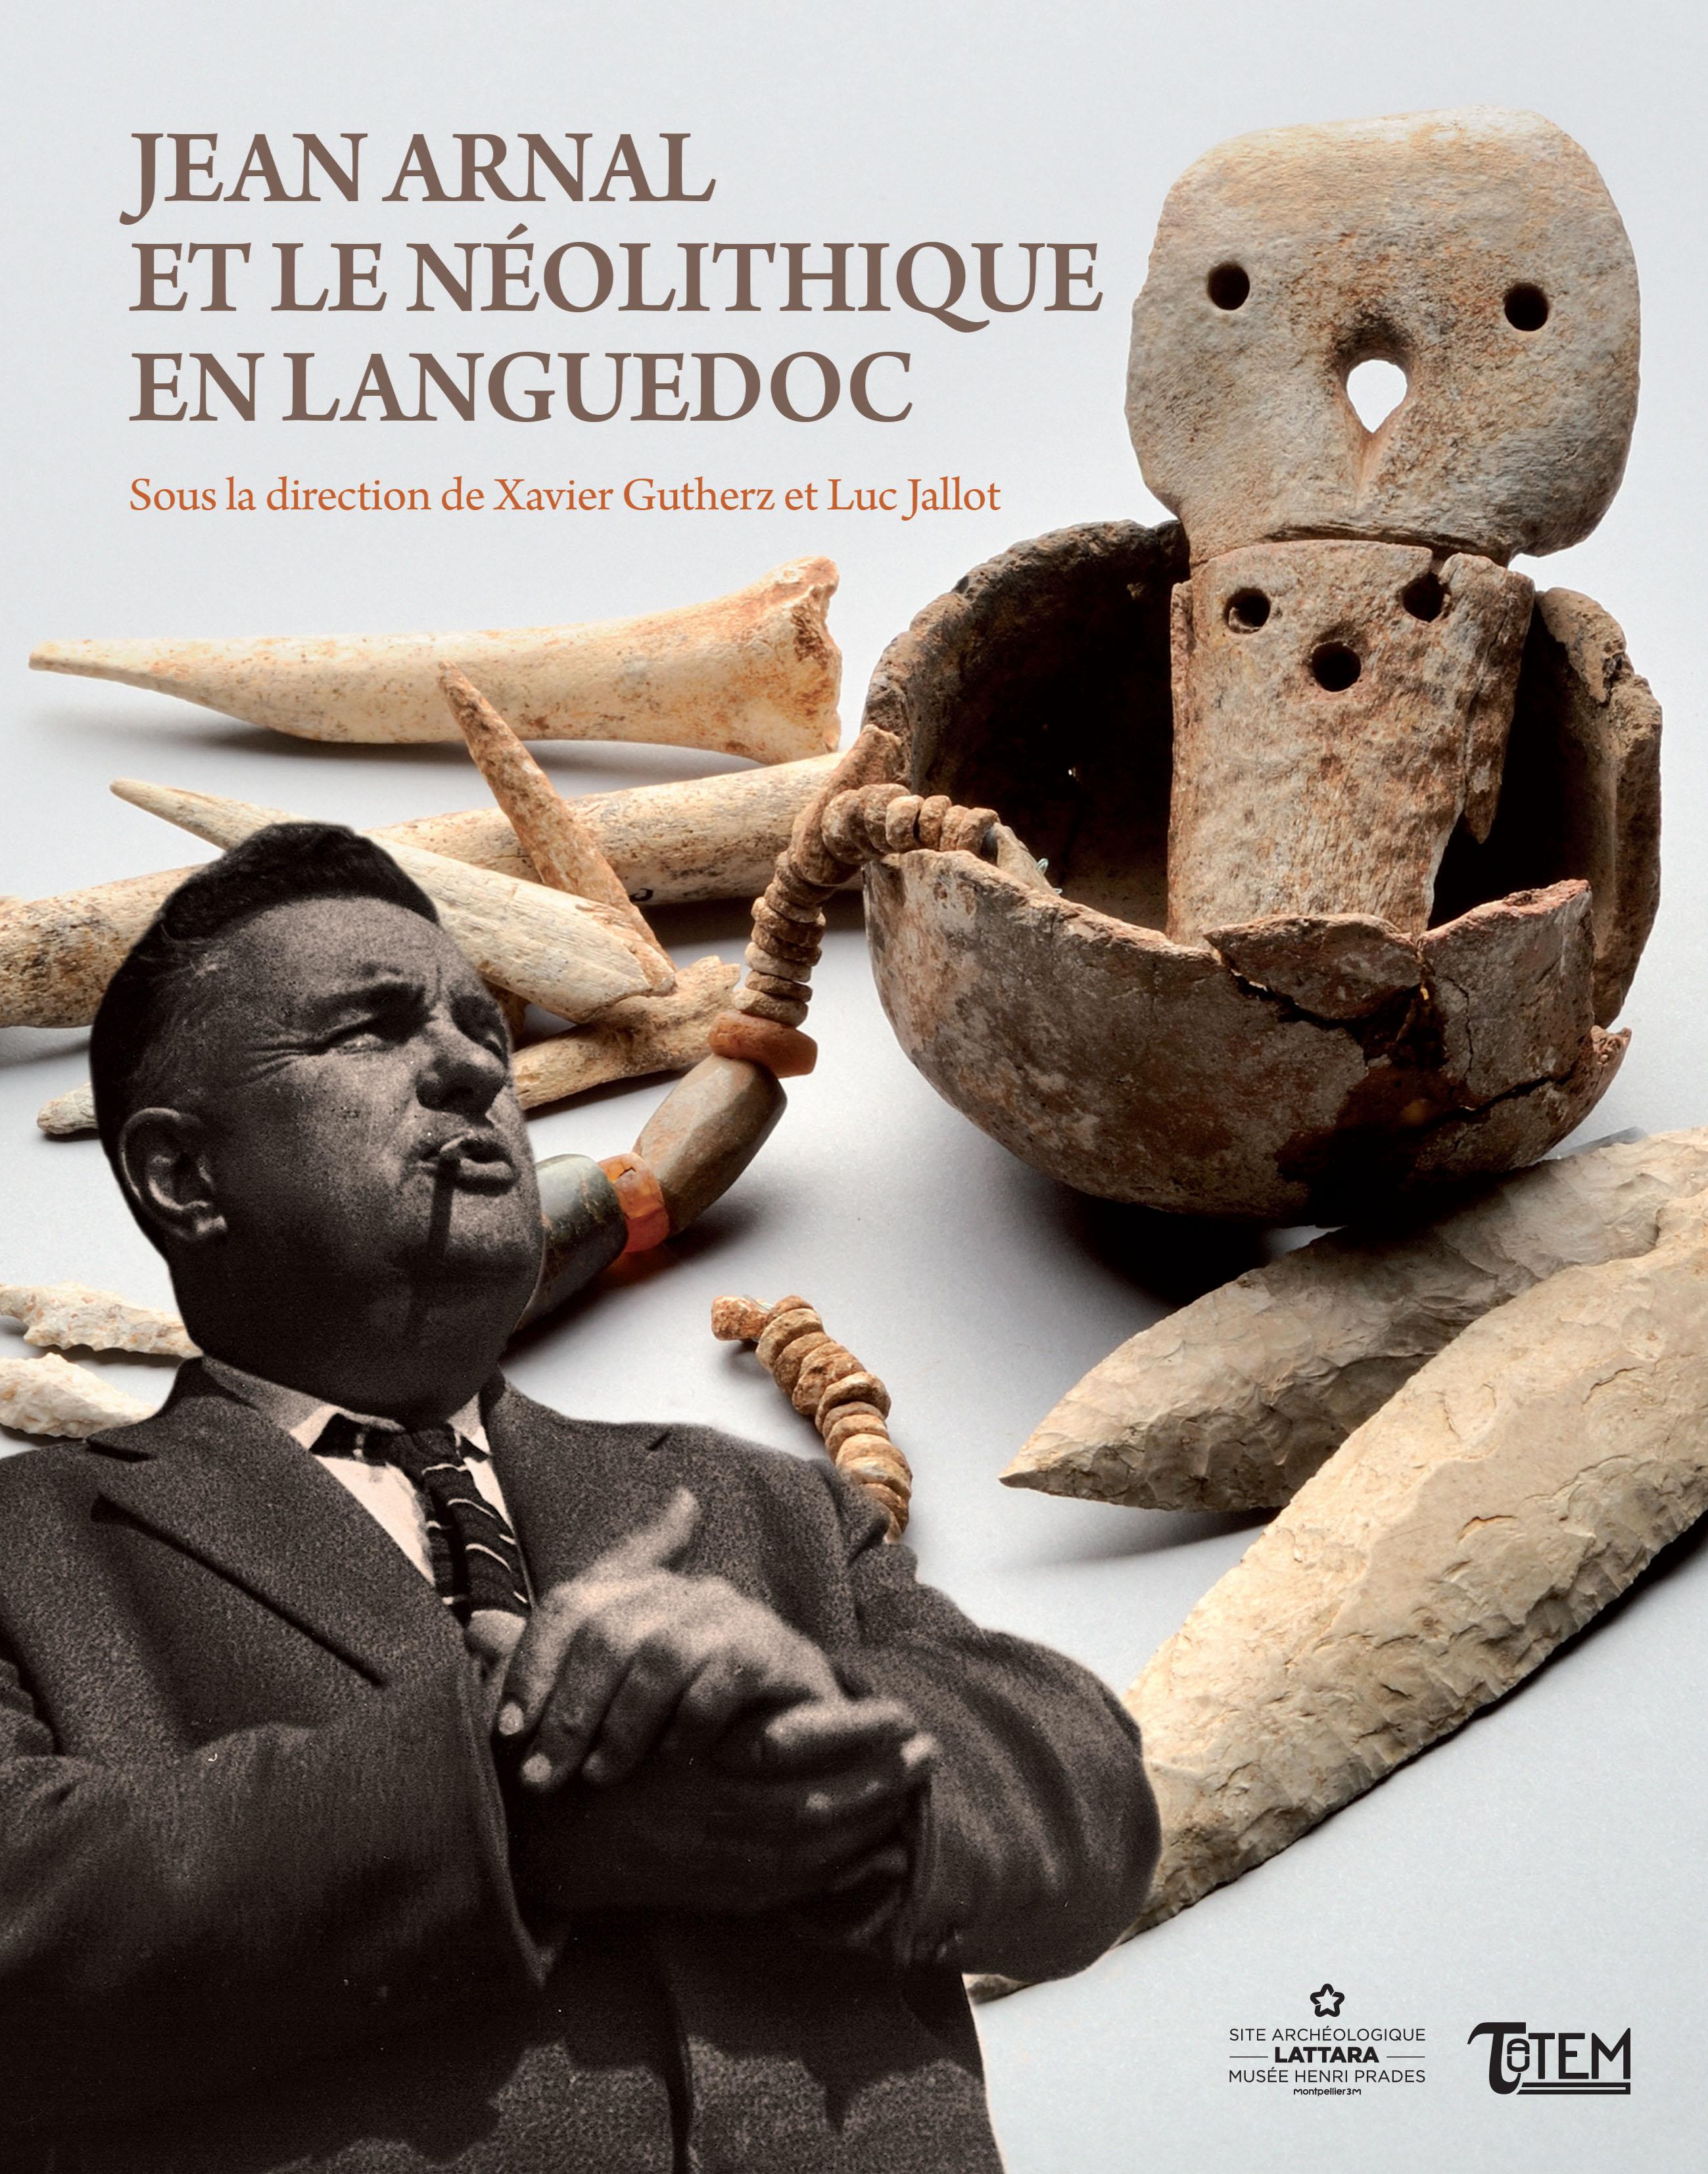 <b>Jean Arnal et le Néolithique en Languedoc</b>